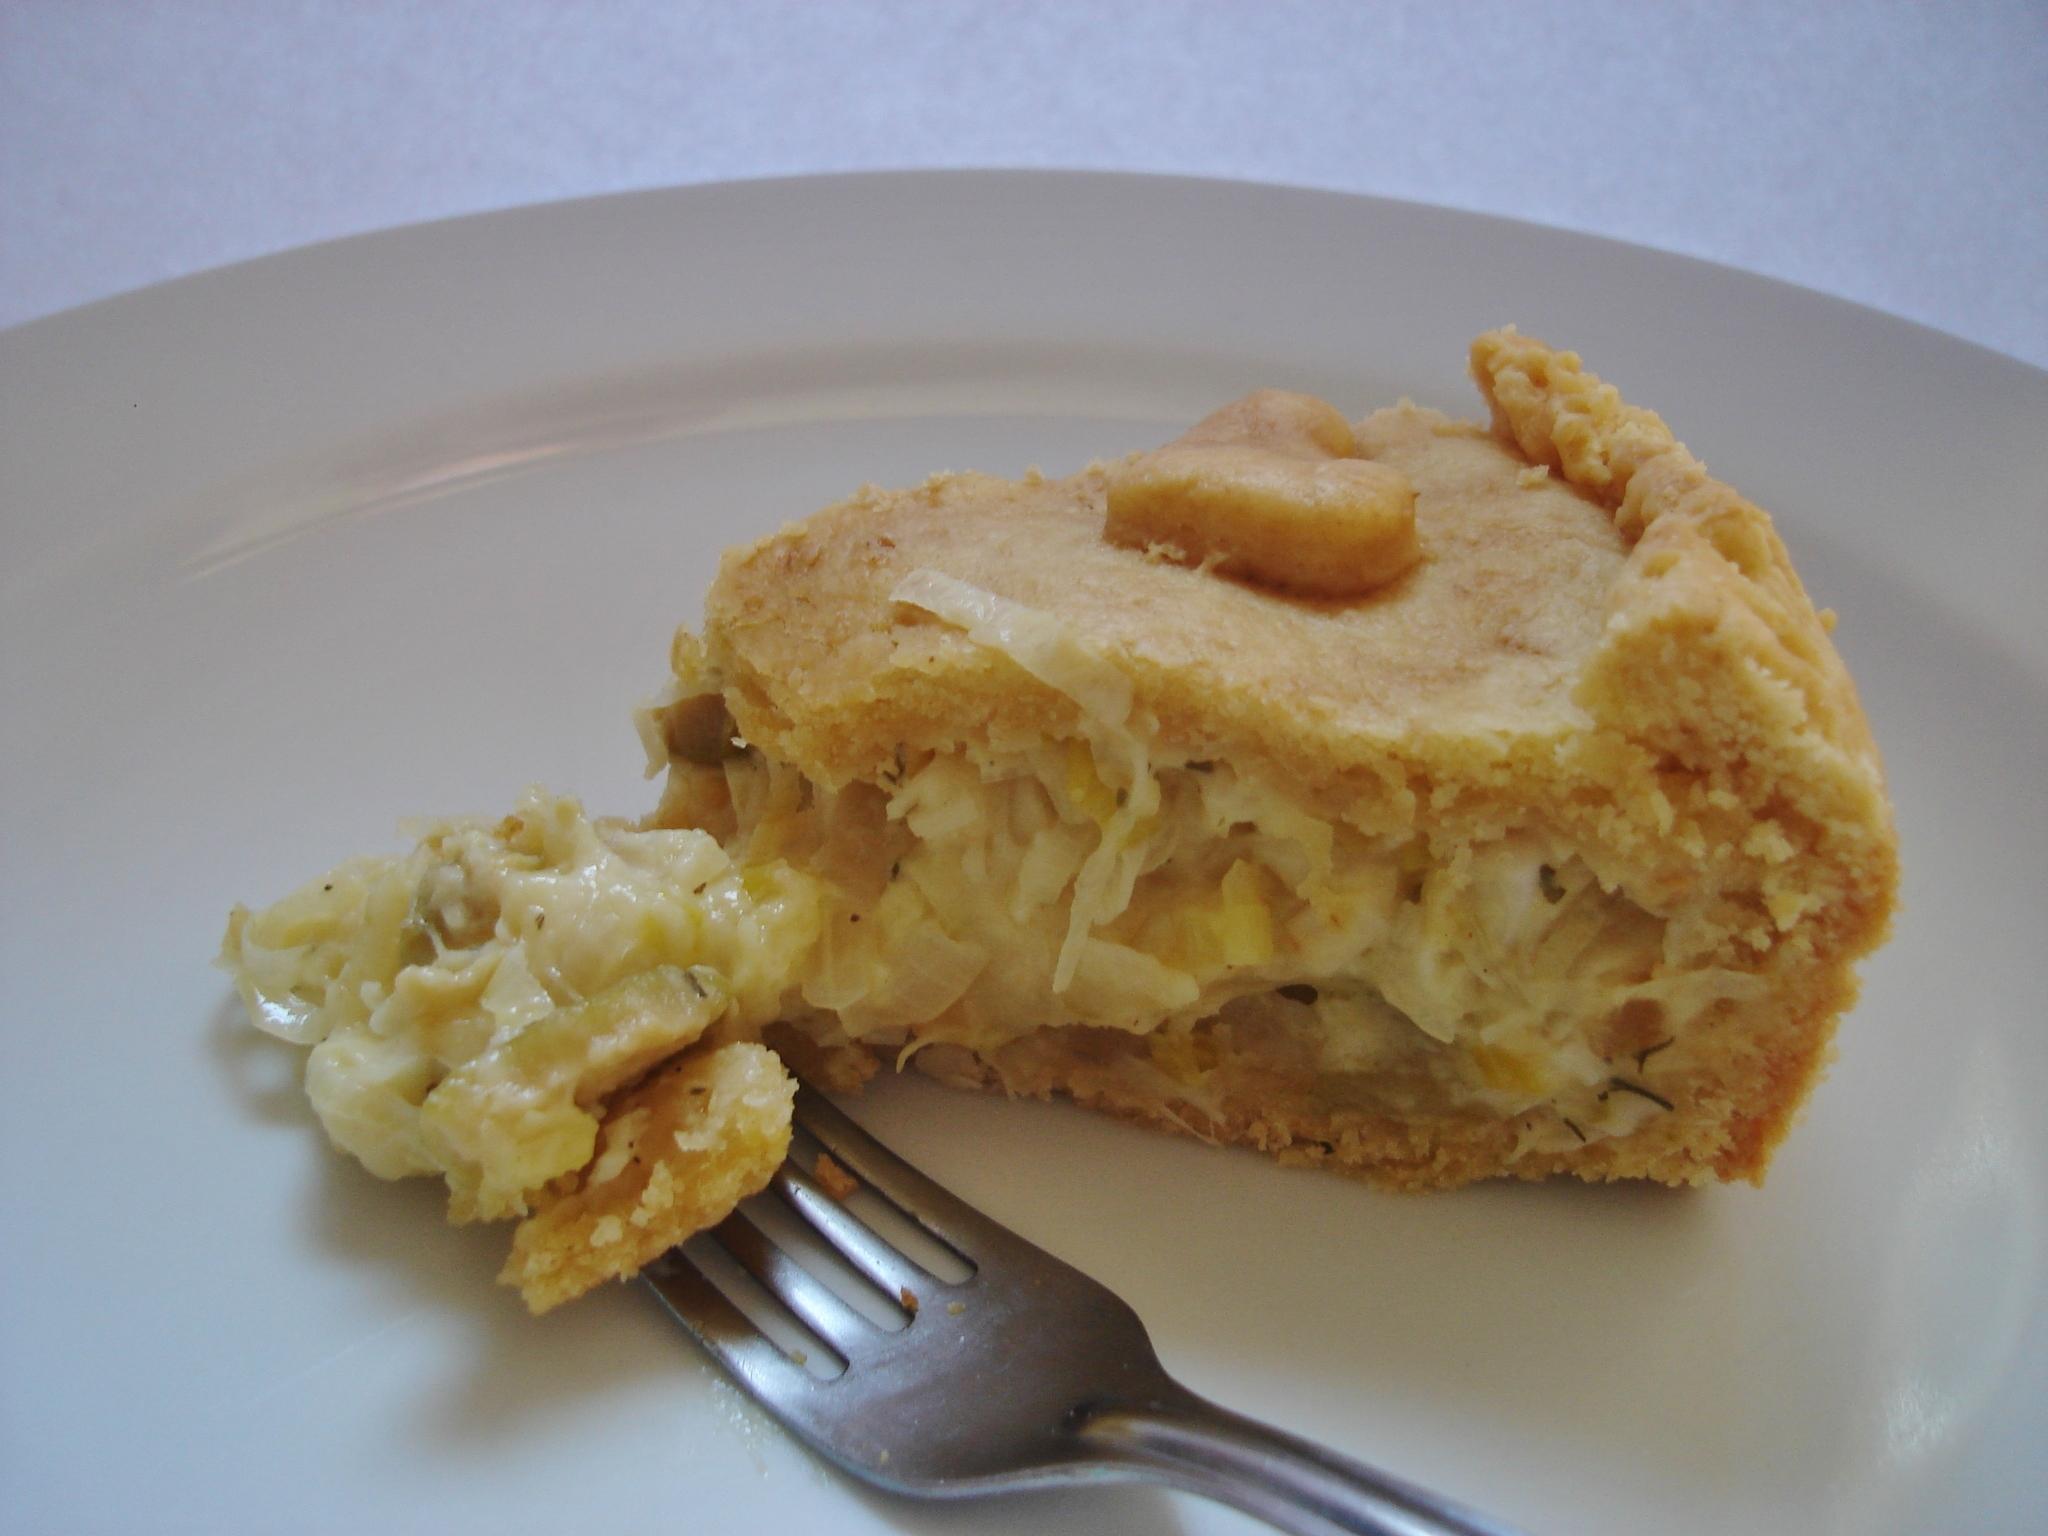 de torta de bacalhau com requeijão cremoso